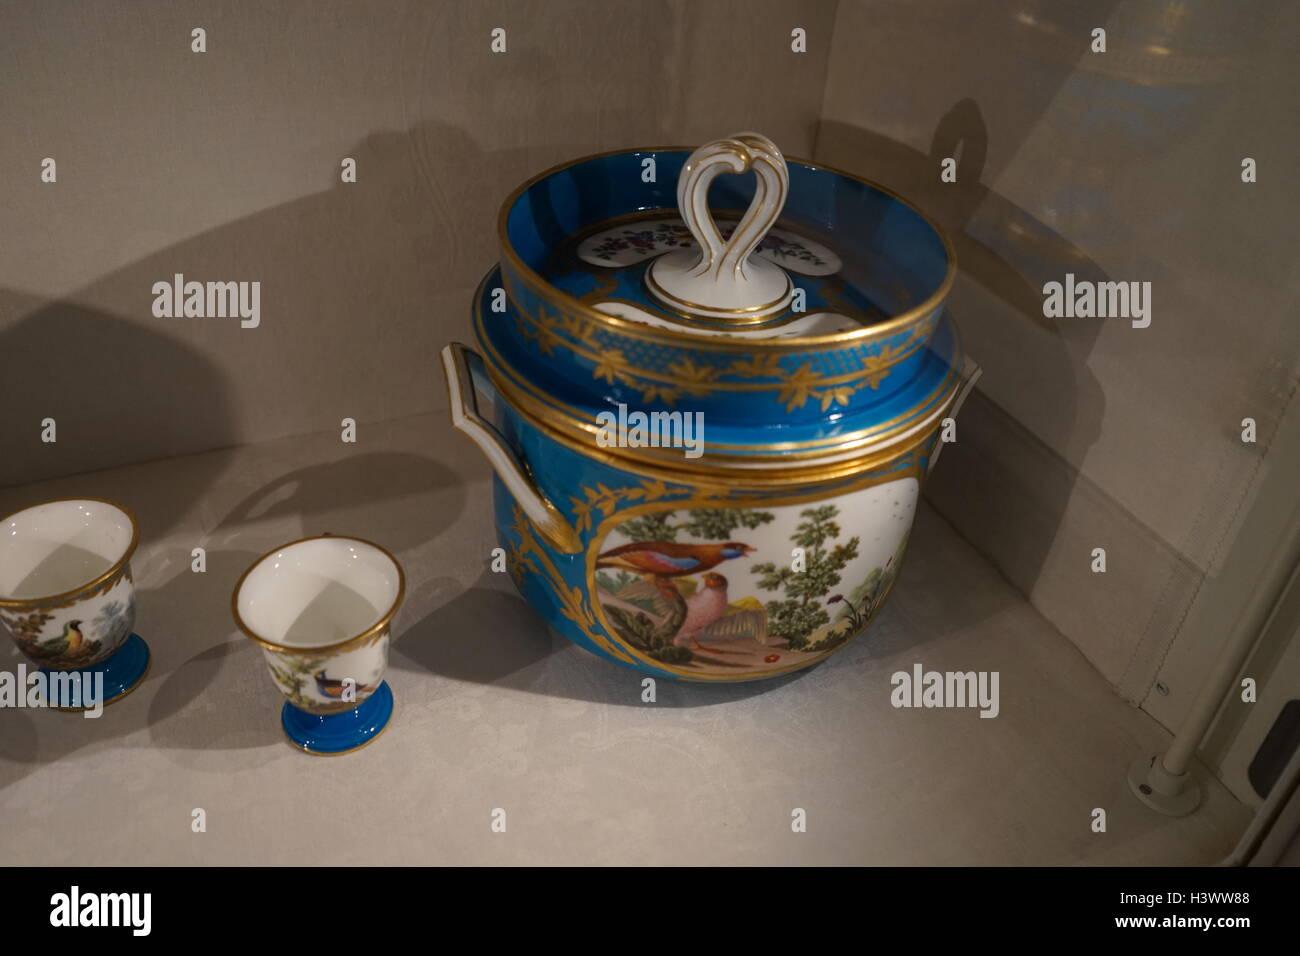 Objet à partir d'un service de Dessert le service 'Razumovsky', fait à partir de pâte Photo Stock